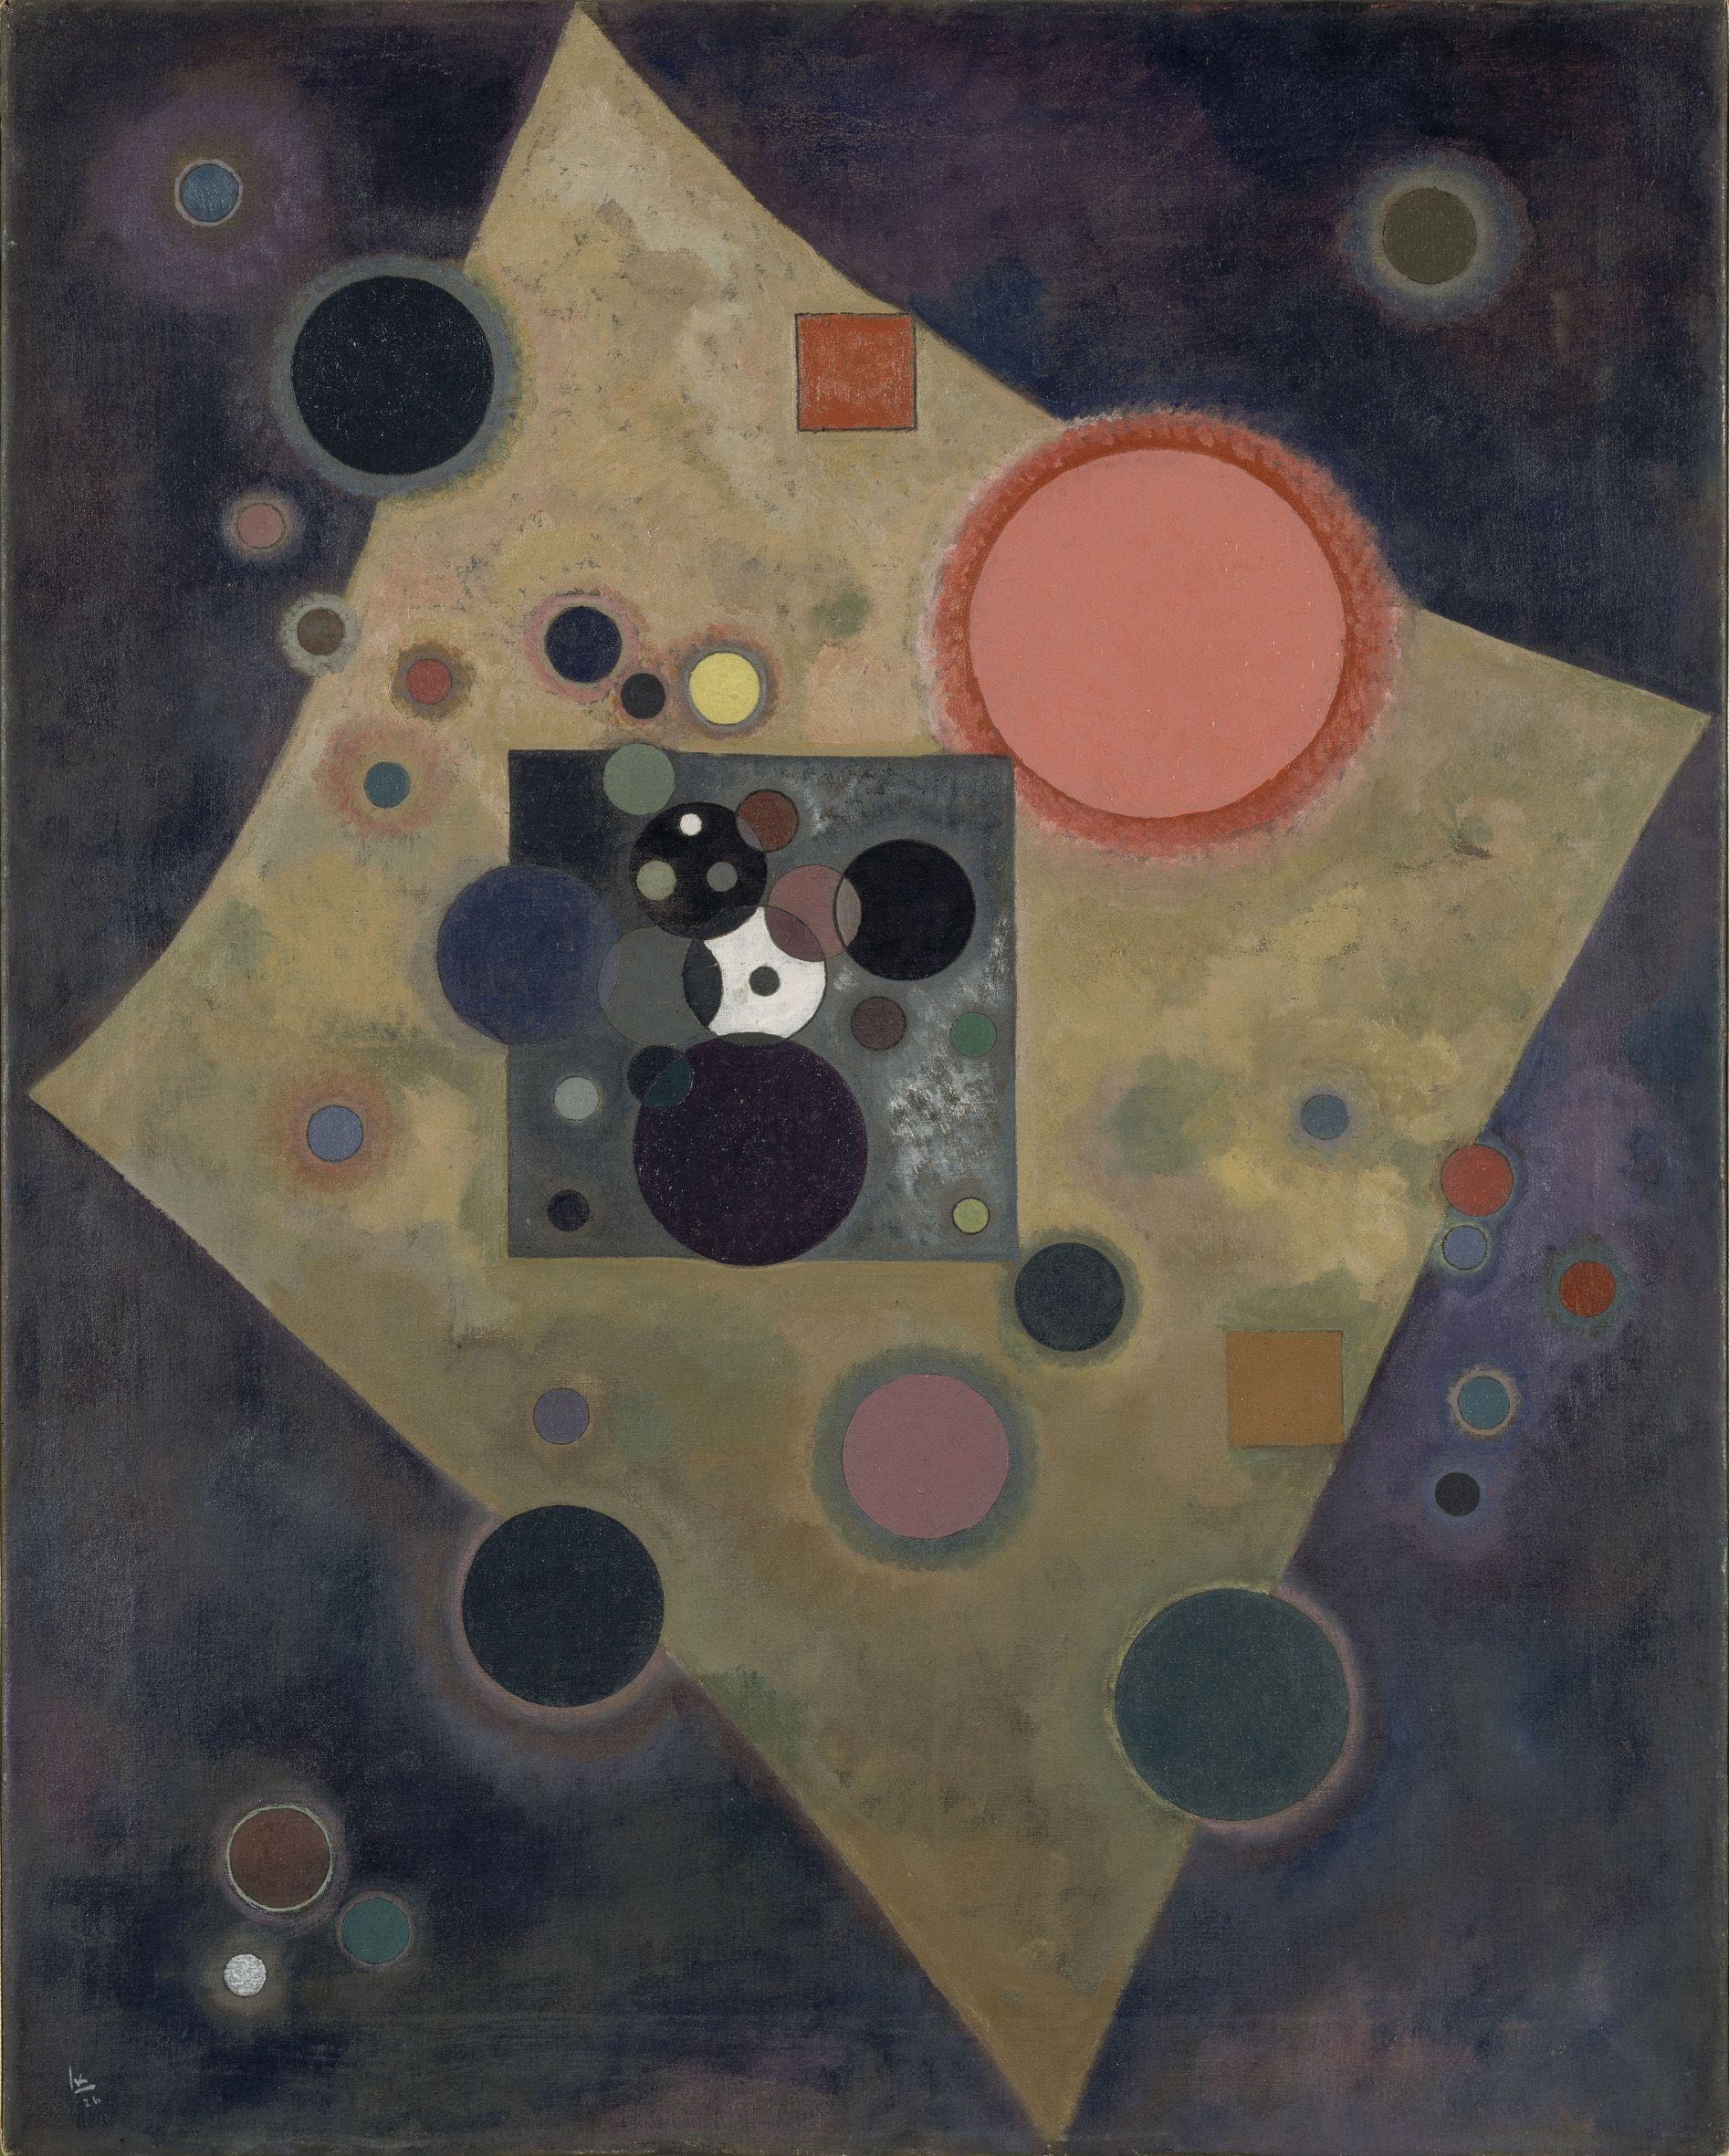 Più di 80 opere di Kandinsky dal Centre Pompidou in mostra a Palazzo Reale, fino al 27 aprile